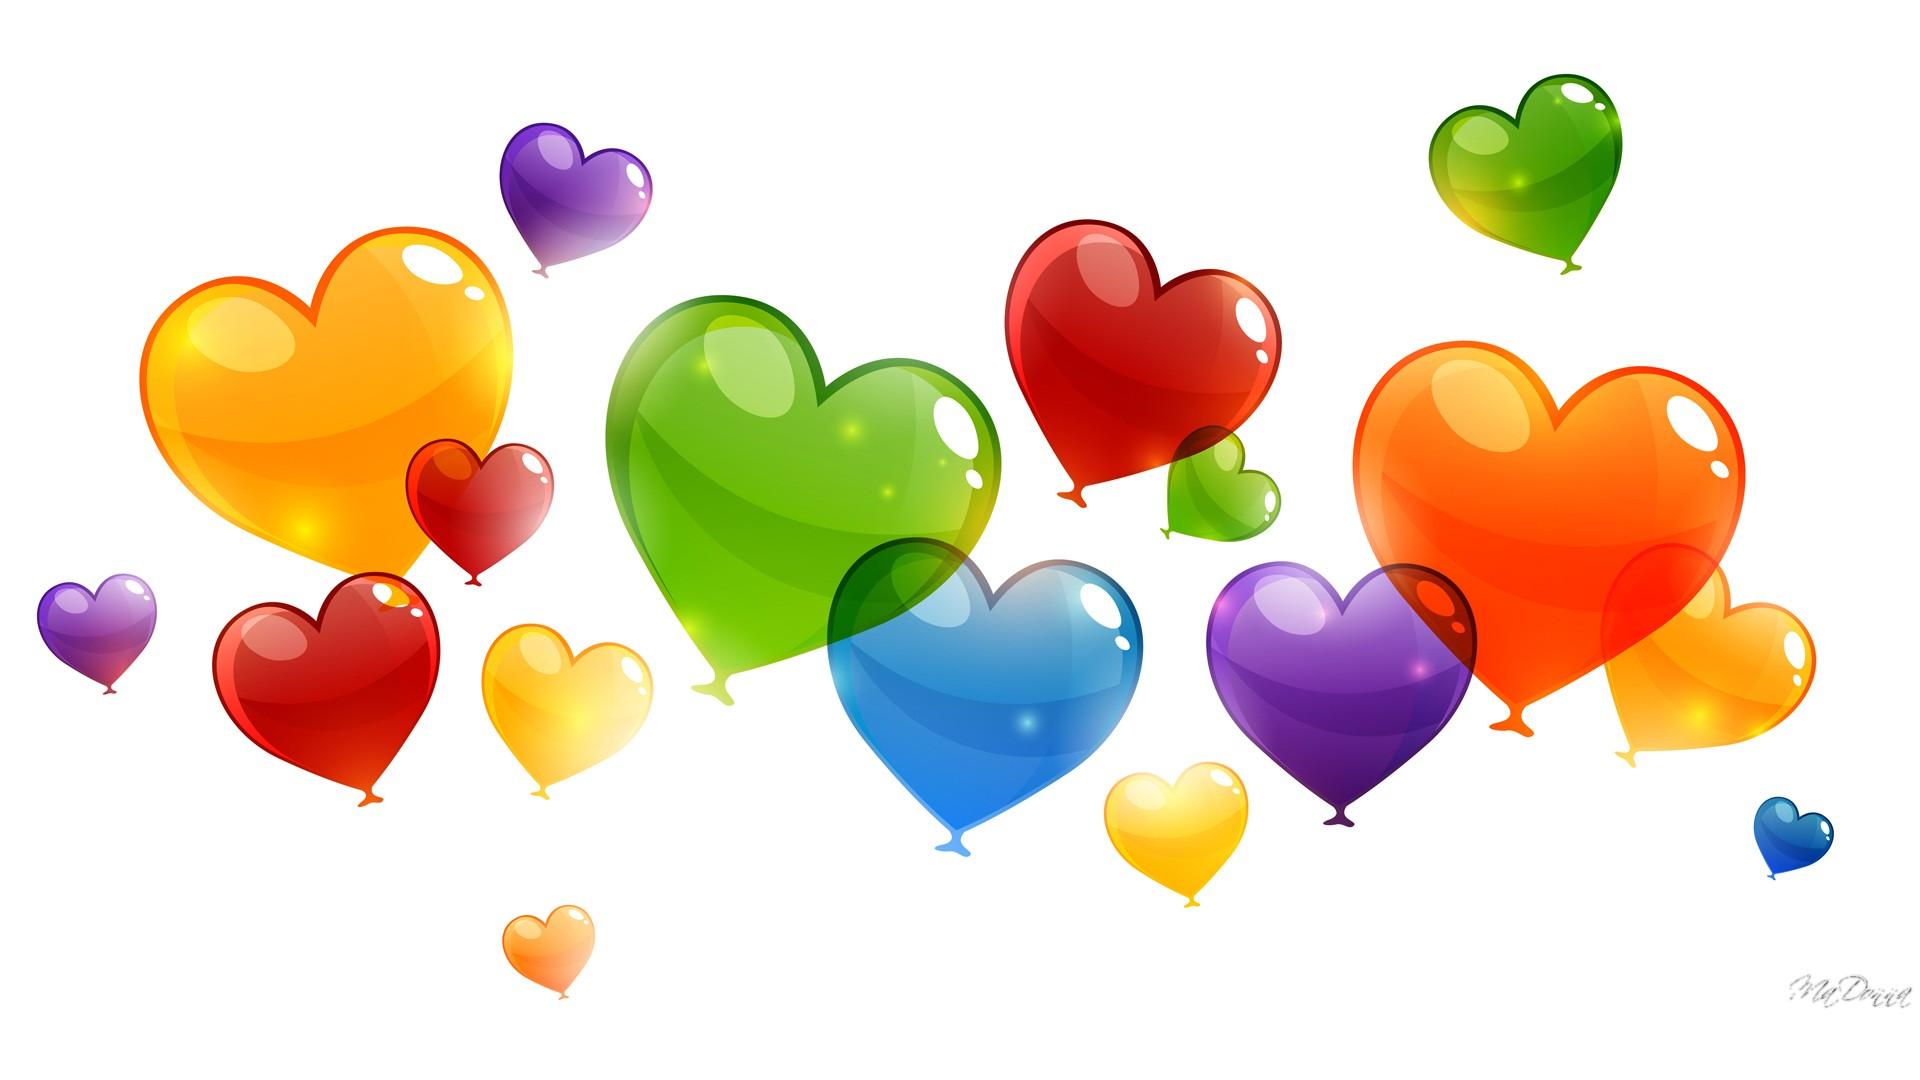 Colorful hot air balloon wallpaper happy balloons hd wallpaper 510780